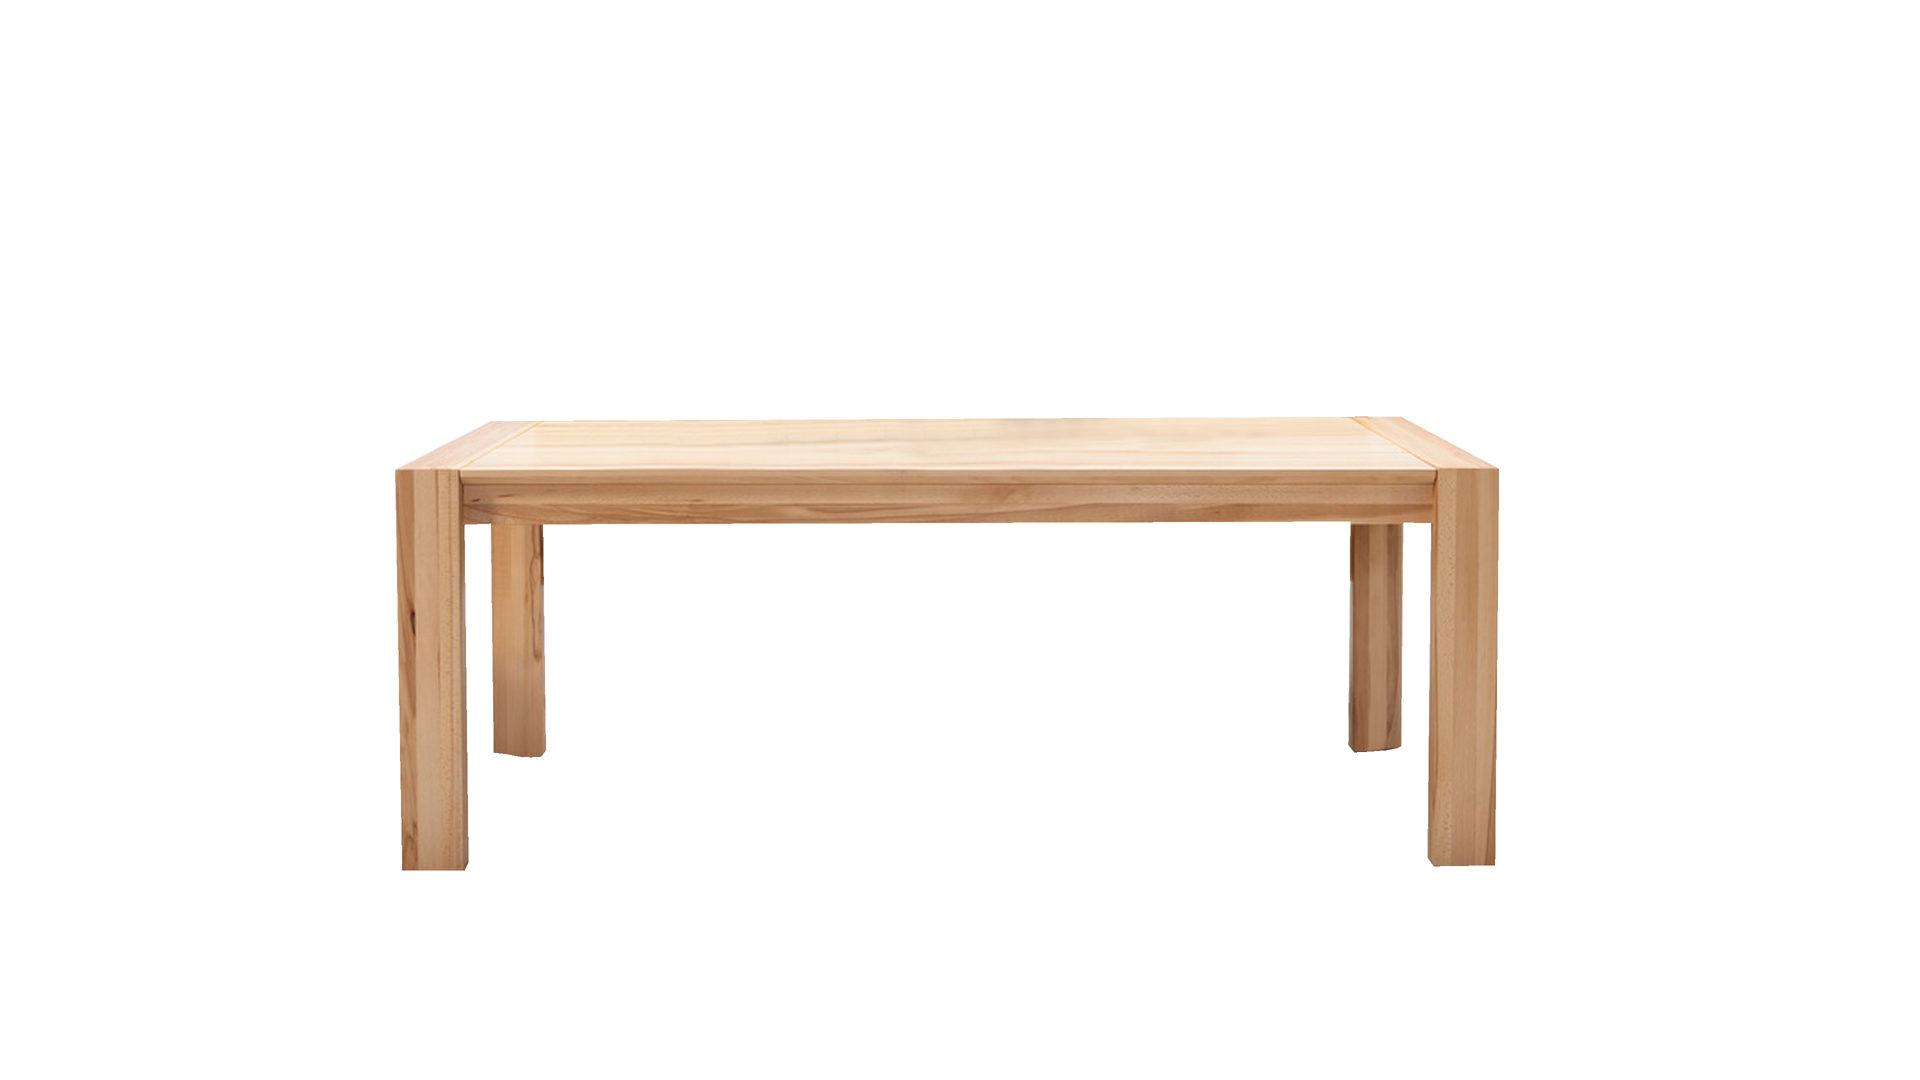 Möbel Angermüller Bad Neustadt Salz Markenshops Tische Stühle